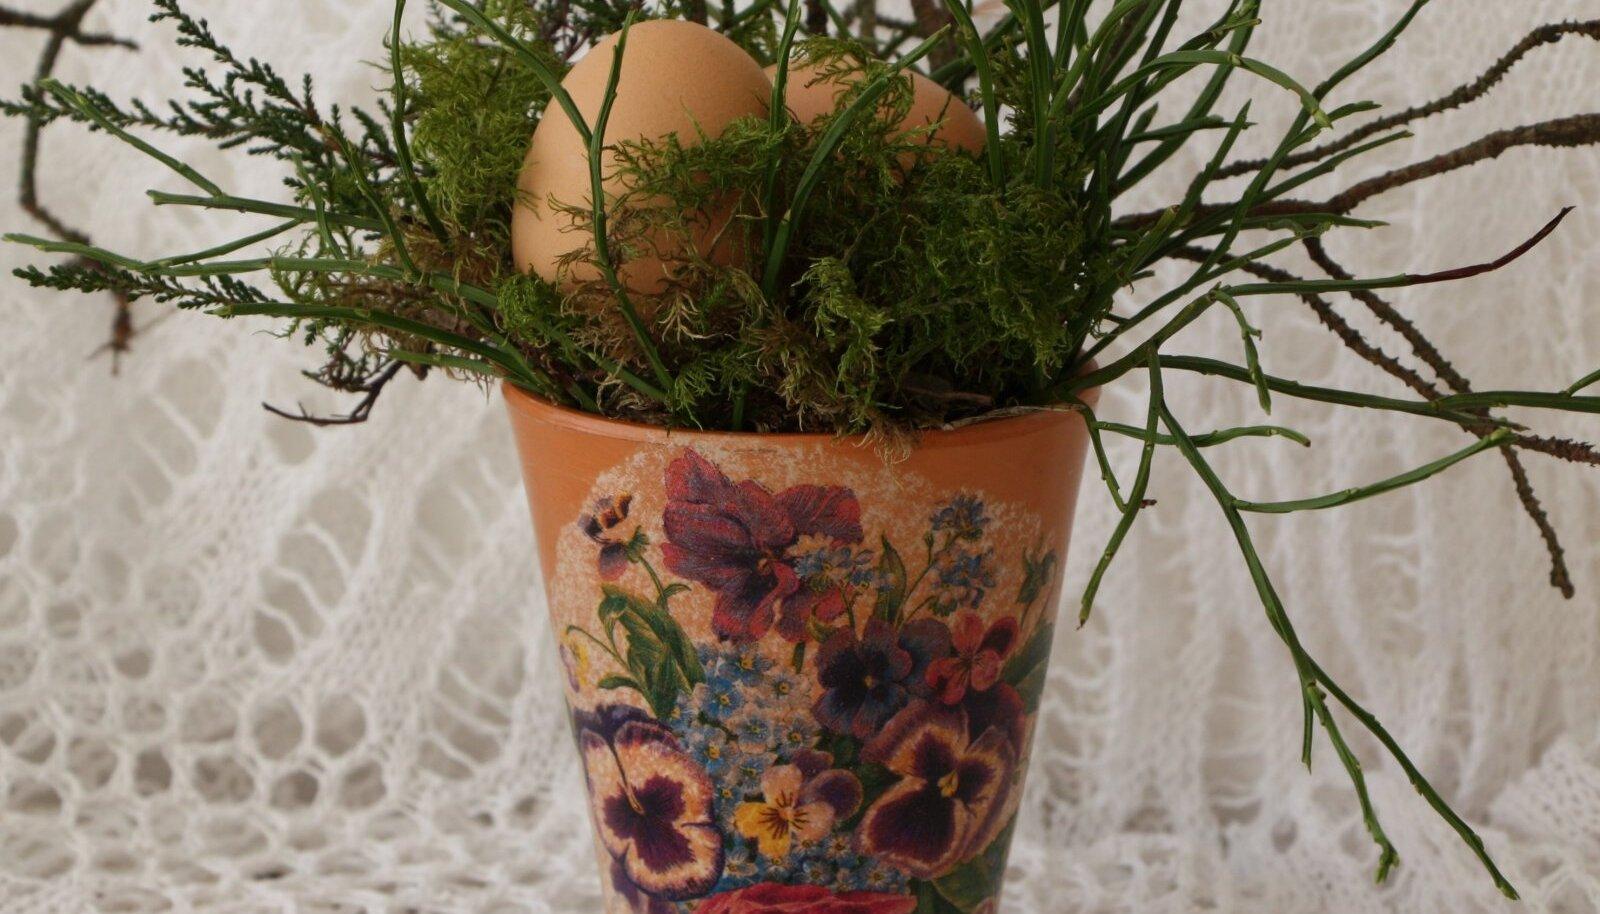 Vanale vaasile on kantud lilleline pilt. Pange vaasi pisut sammalt ja oksi ning sinna sisse peitke munad.